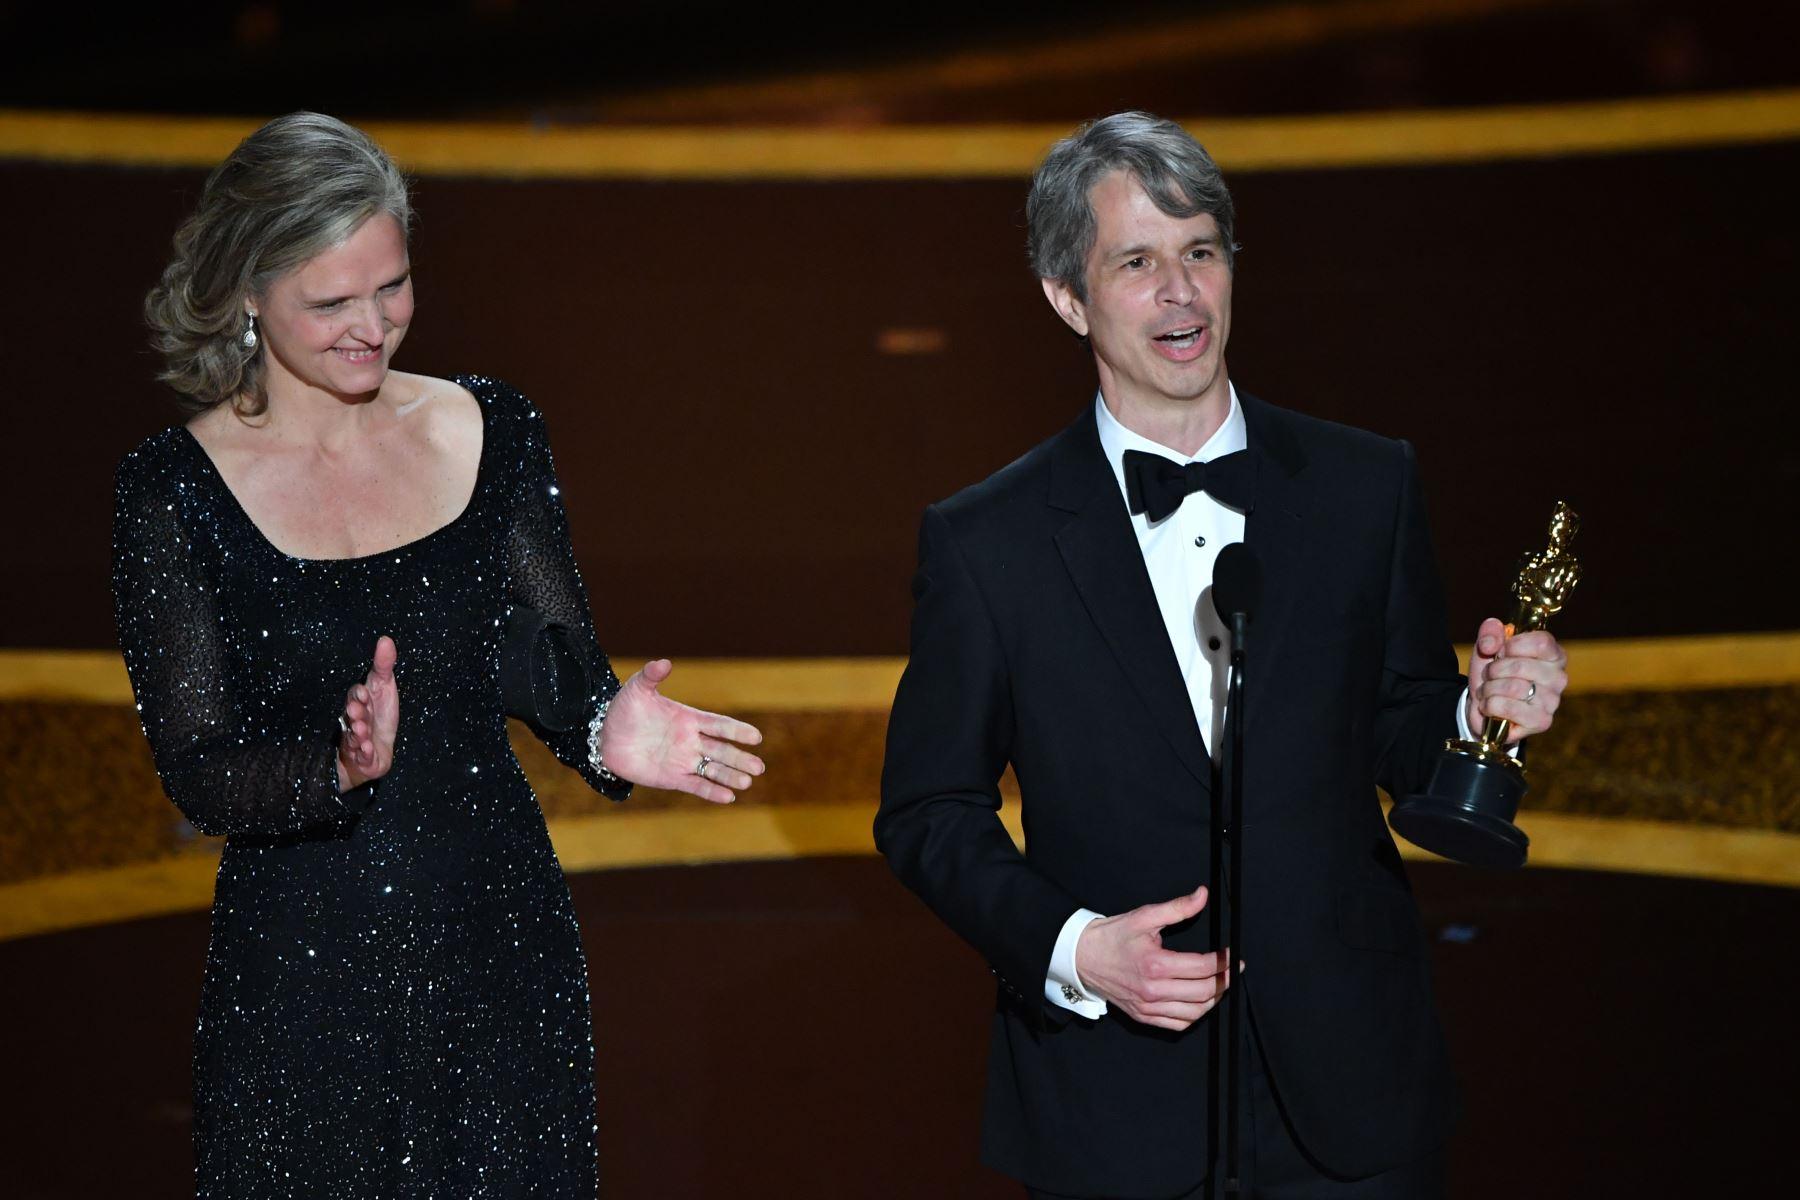 """El director estadounidense Marshall Curry y Elizabeth Martin aceptan el premio al mejor cortometraje de acción en vivo por """"The Neighbours Window"""" durante la 92ª entrega de los Oscar en el Dolby Theatre de Hollywood, California. Foto: AFP"""